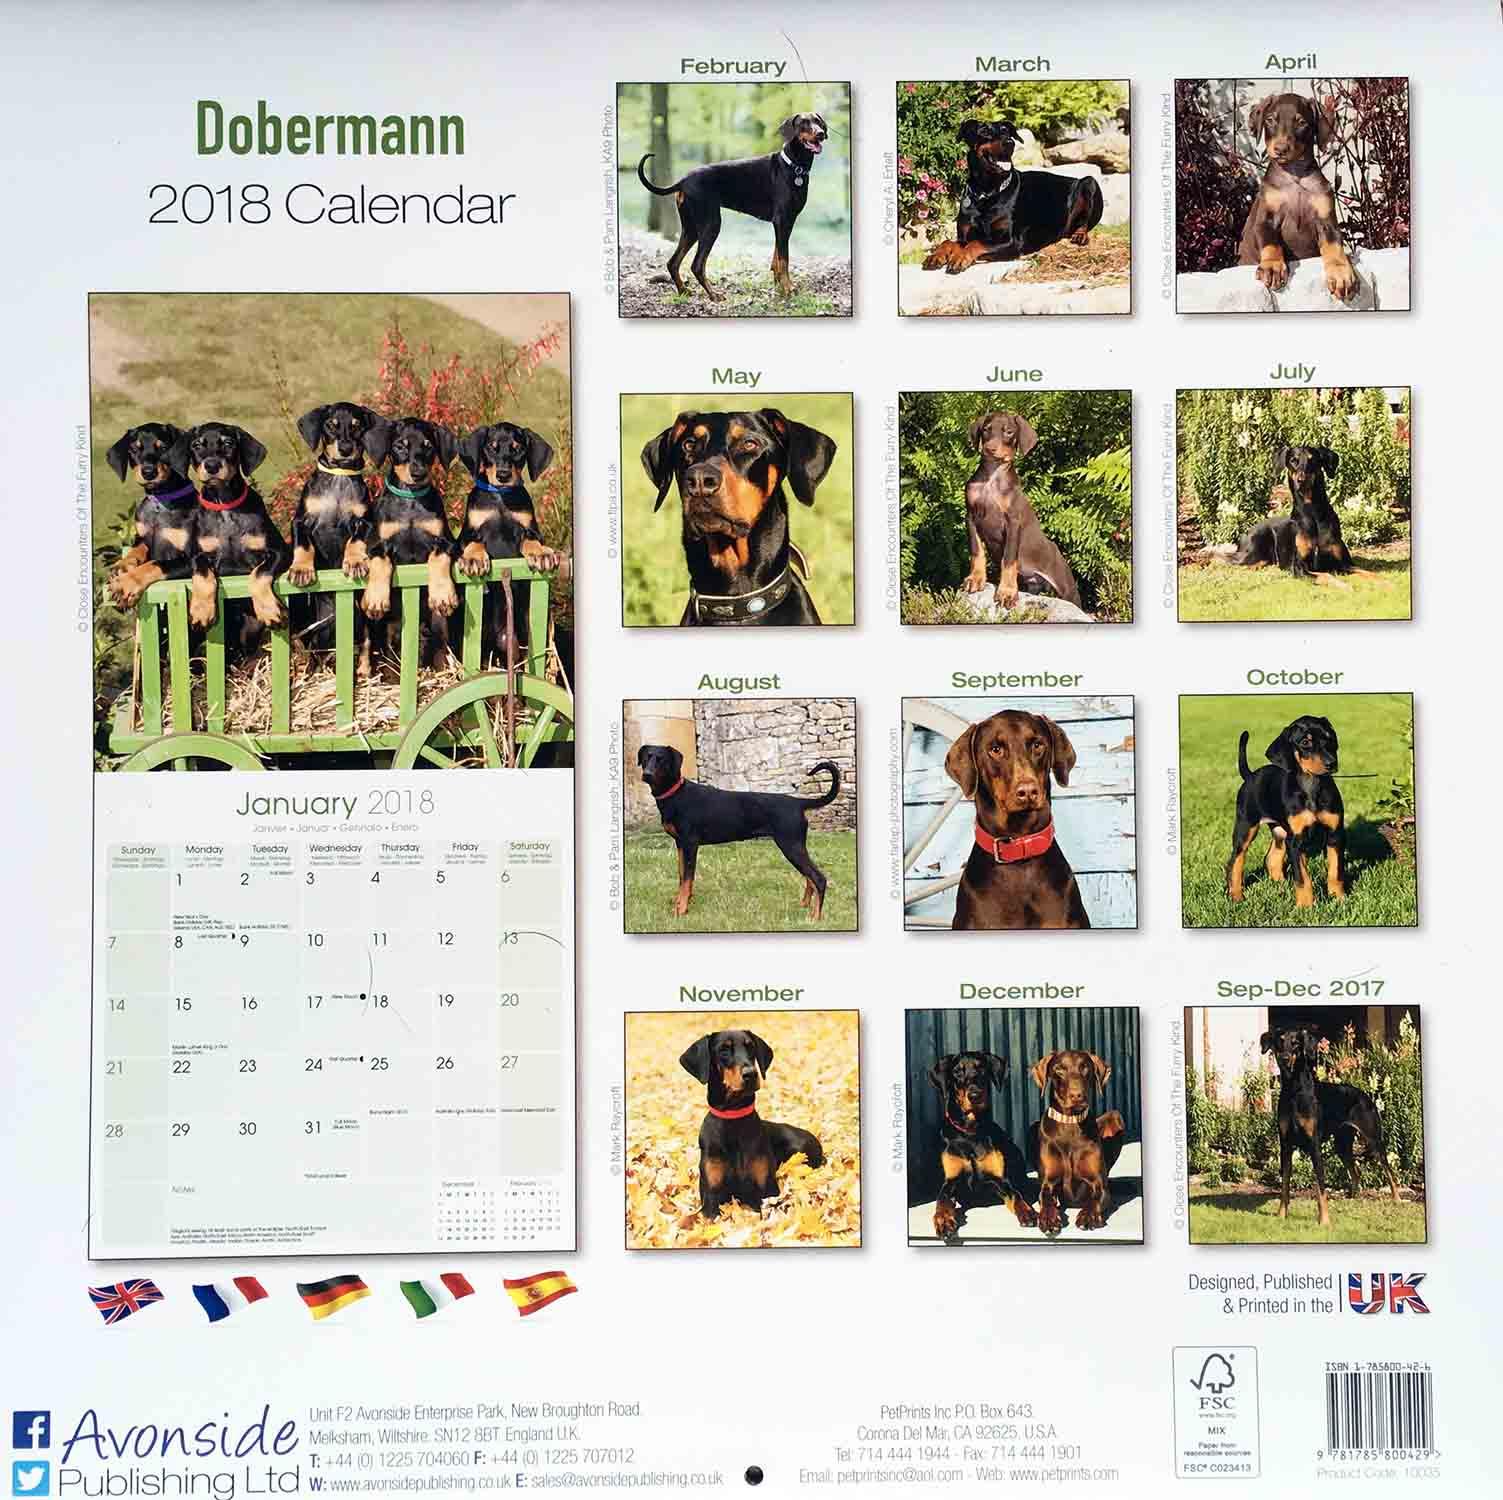 Dobermann Calendar 2018 - Back